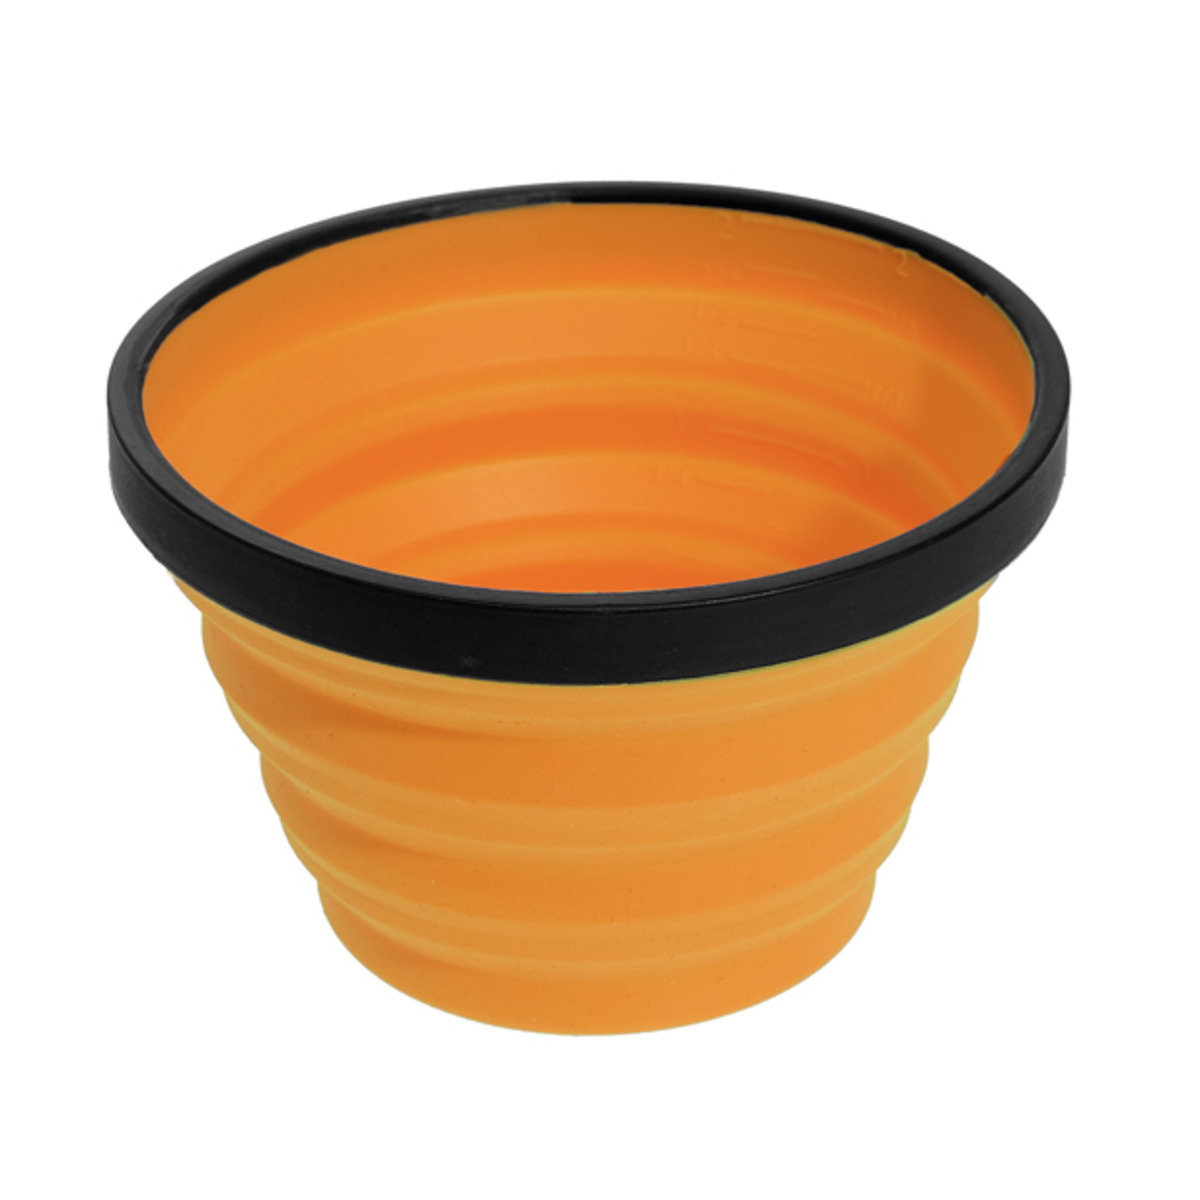 X-Cup Org-AXCUPOR